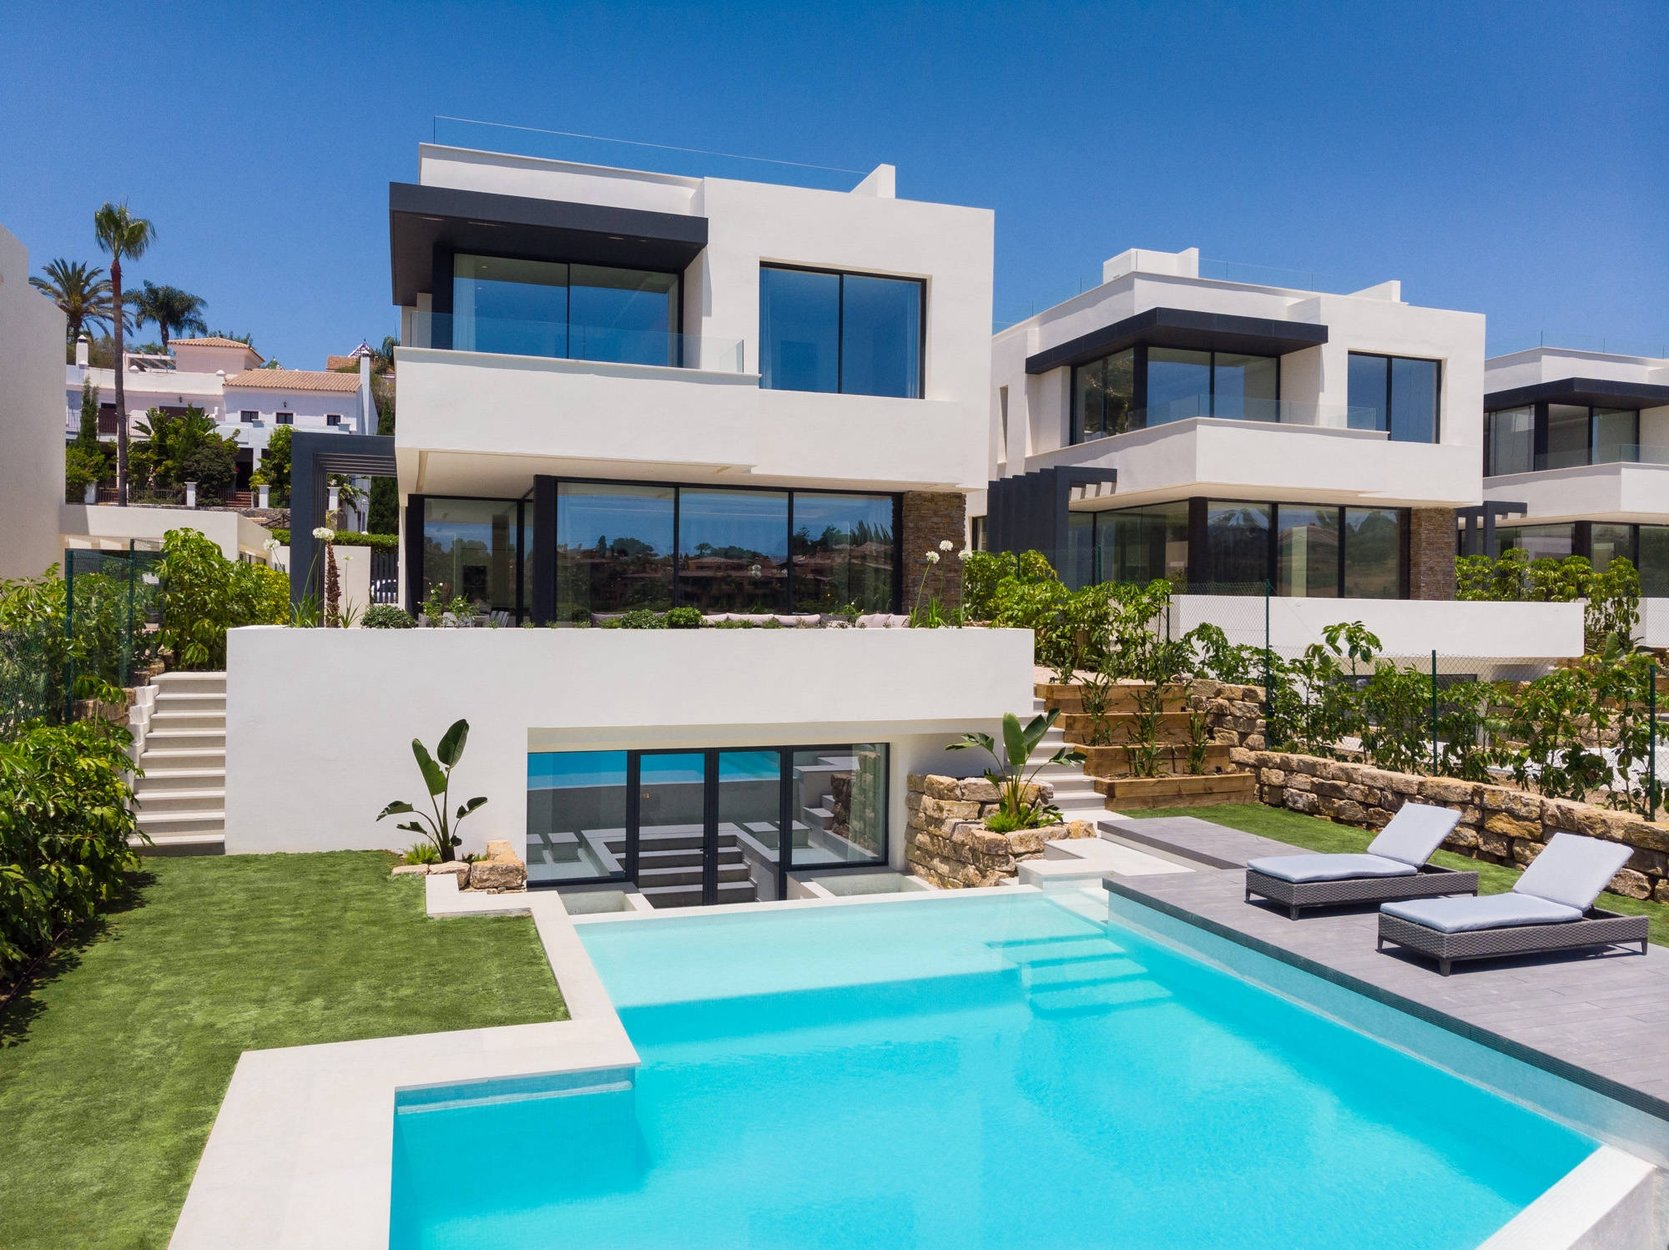 Villa for sale in Estepona, Atalaya